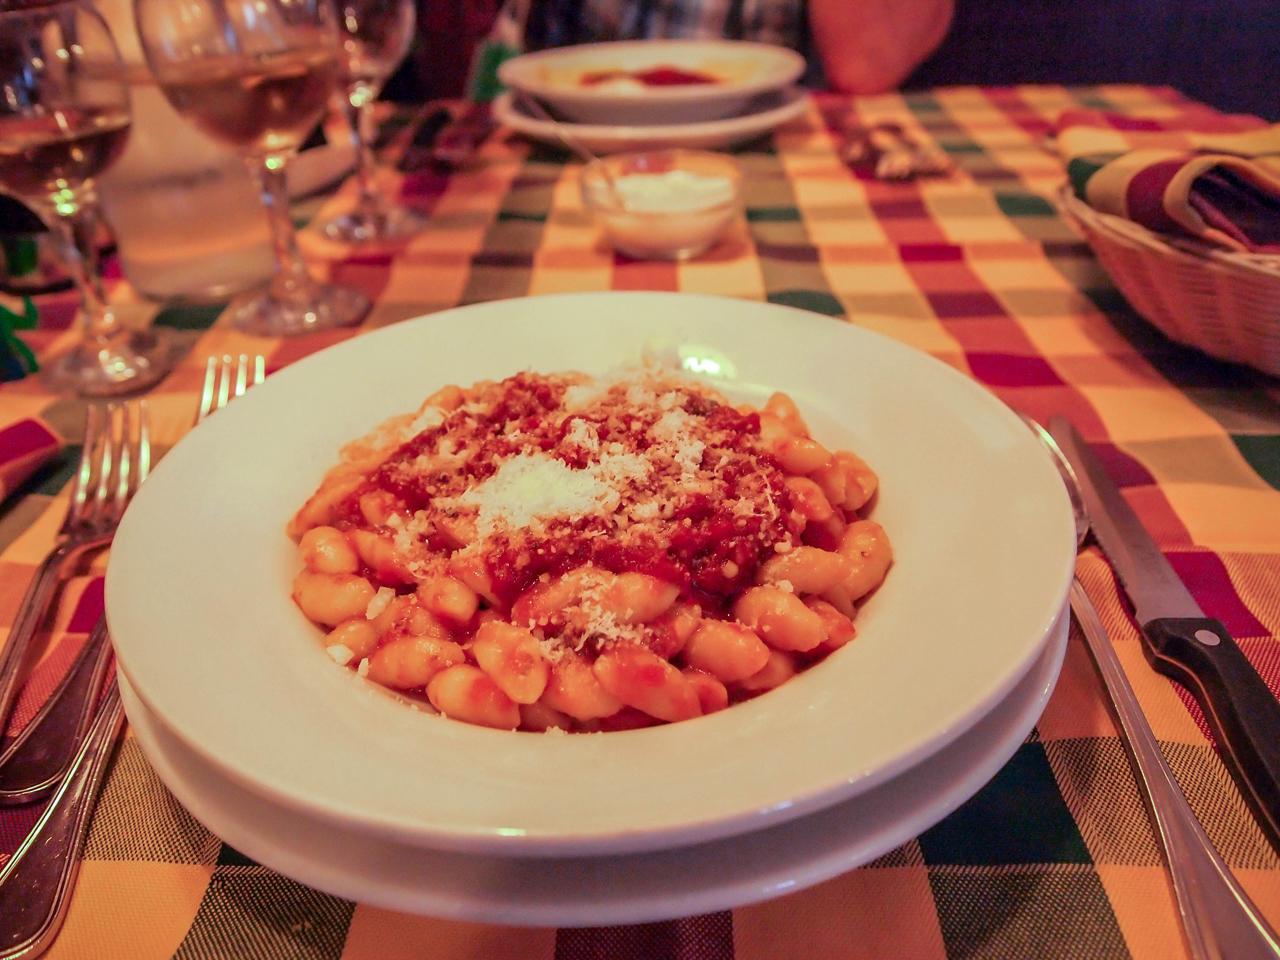 Pasta Norma in the lovely resturant called Osteria dei Sapori Perduti in Modica